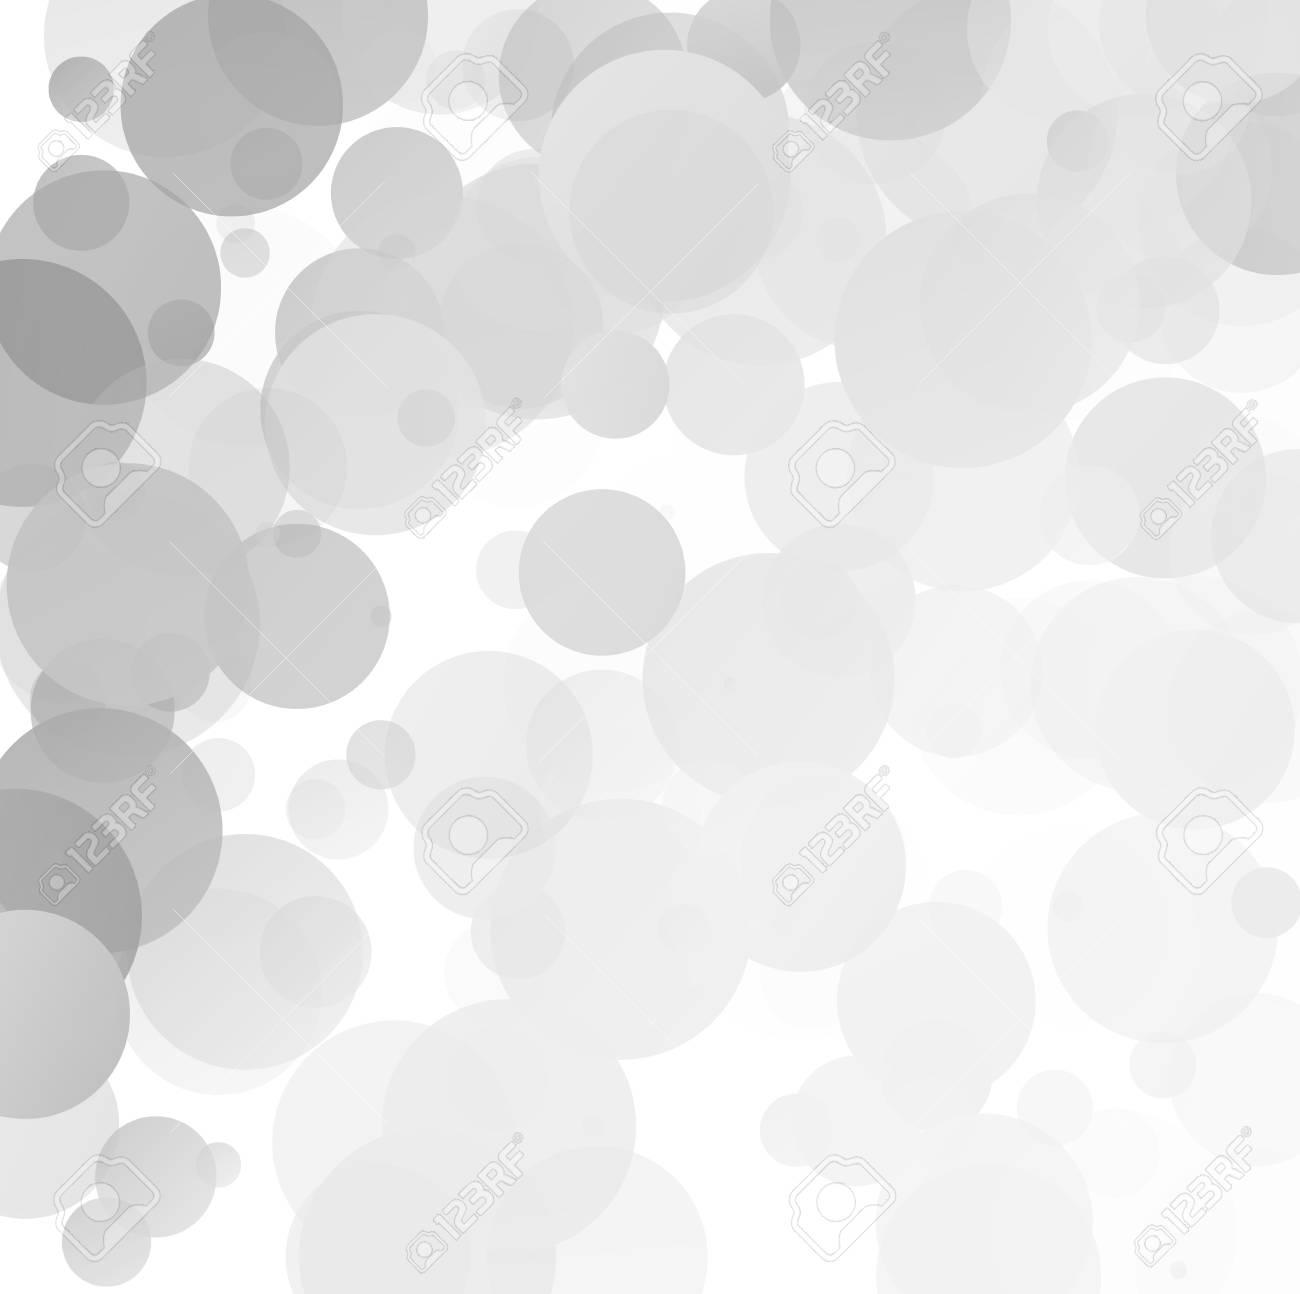 Vettoriale Bolle Unico Sfondo Grigio Bianco Brillante Vettoriale